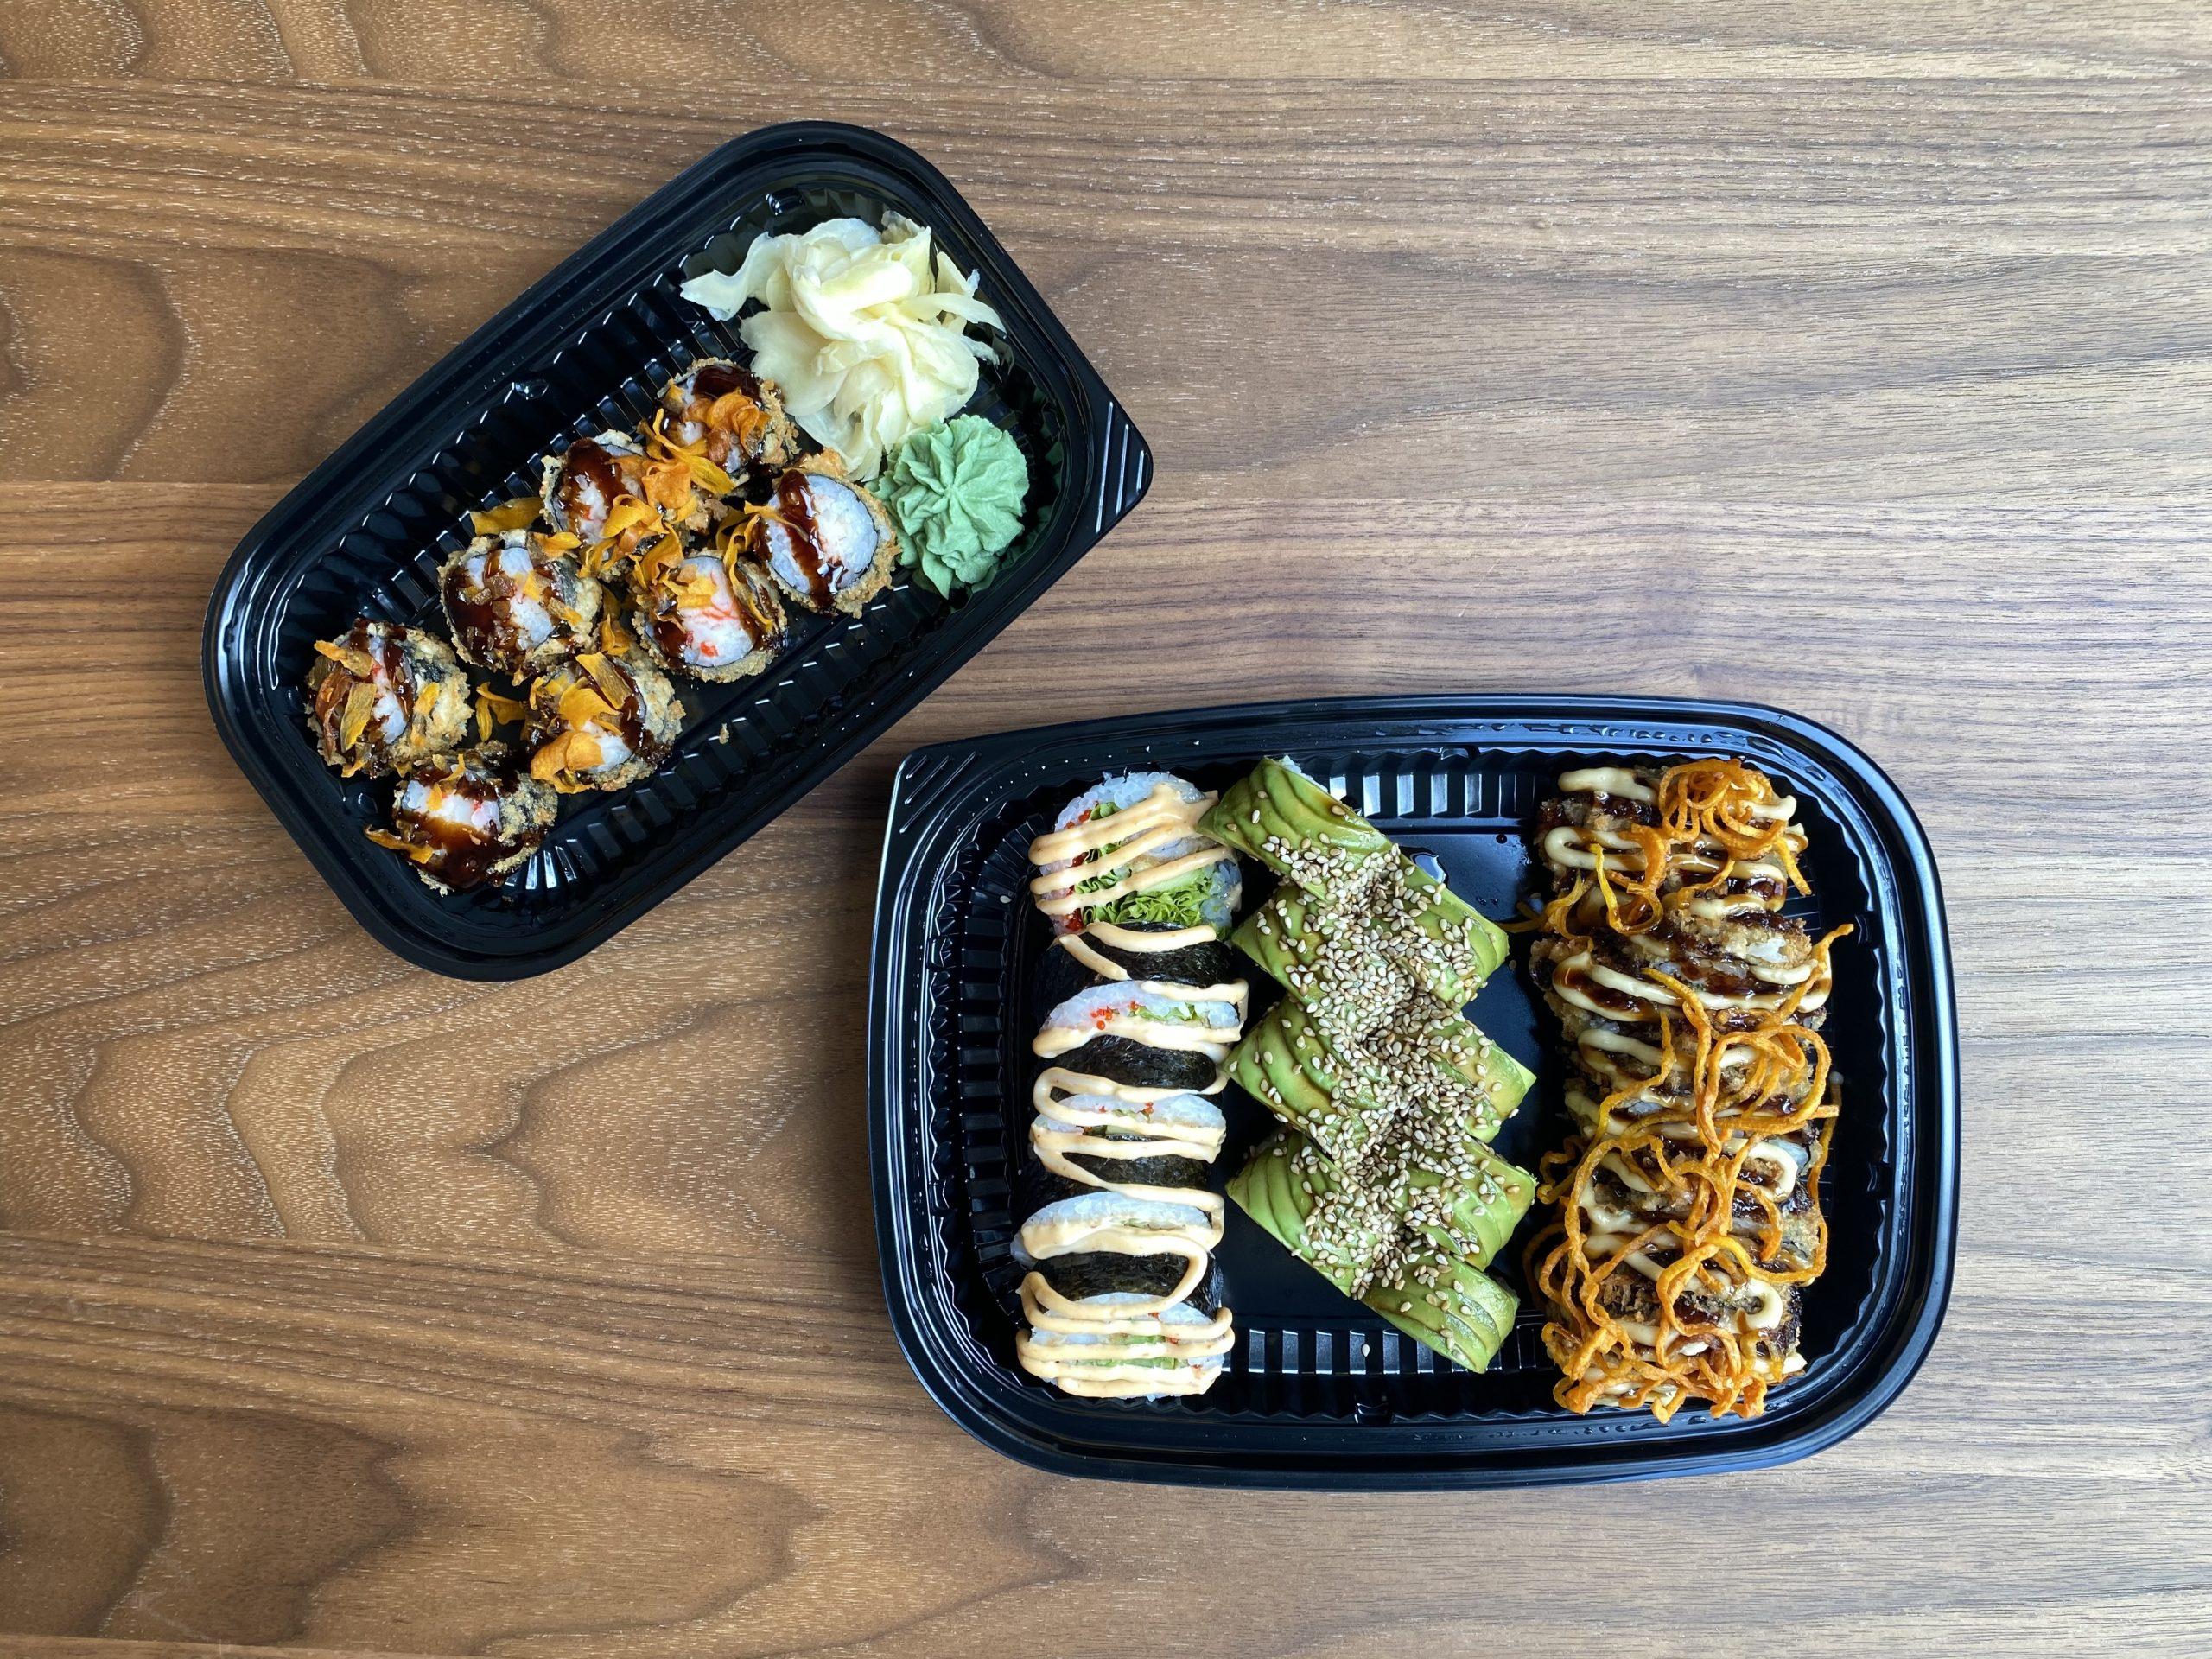 Fantastisk Sushi Festival i Aarhus: Her får du lækre menuer til 115 kr.